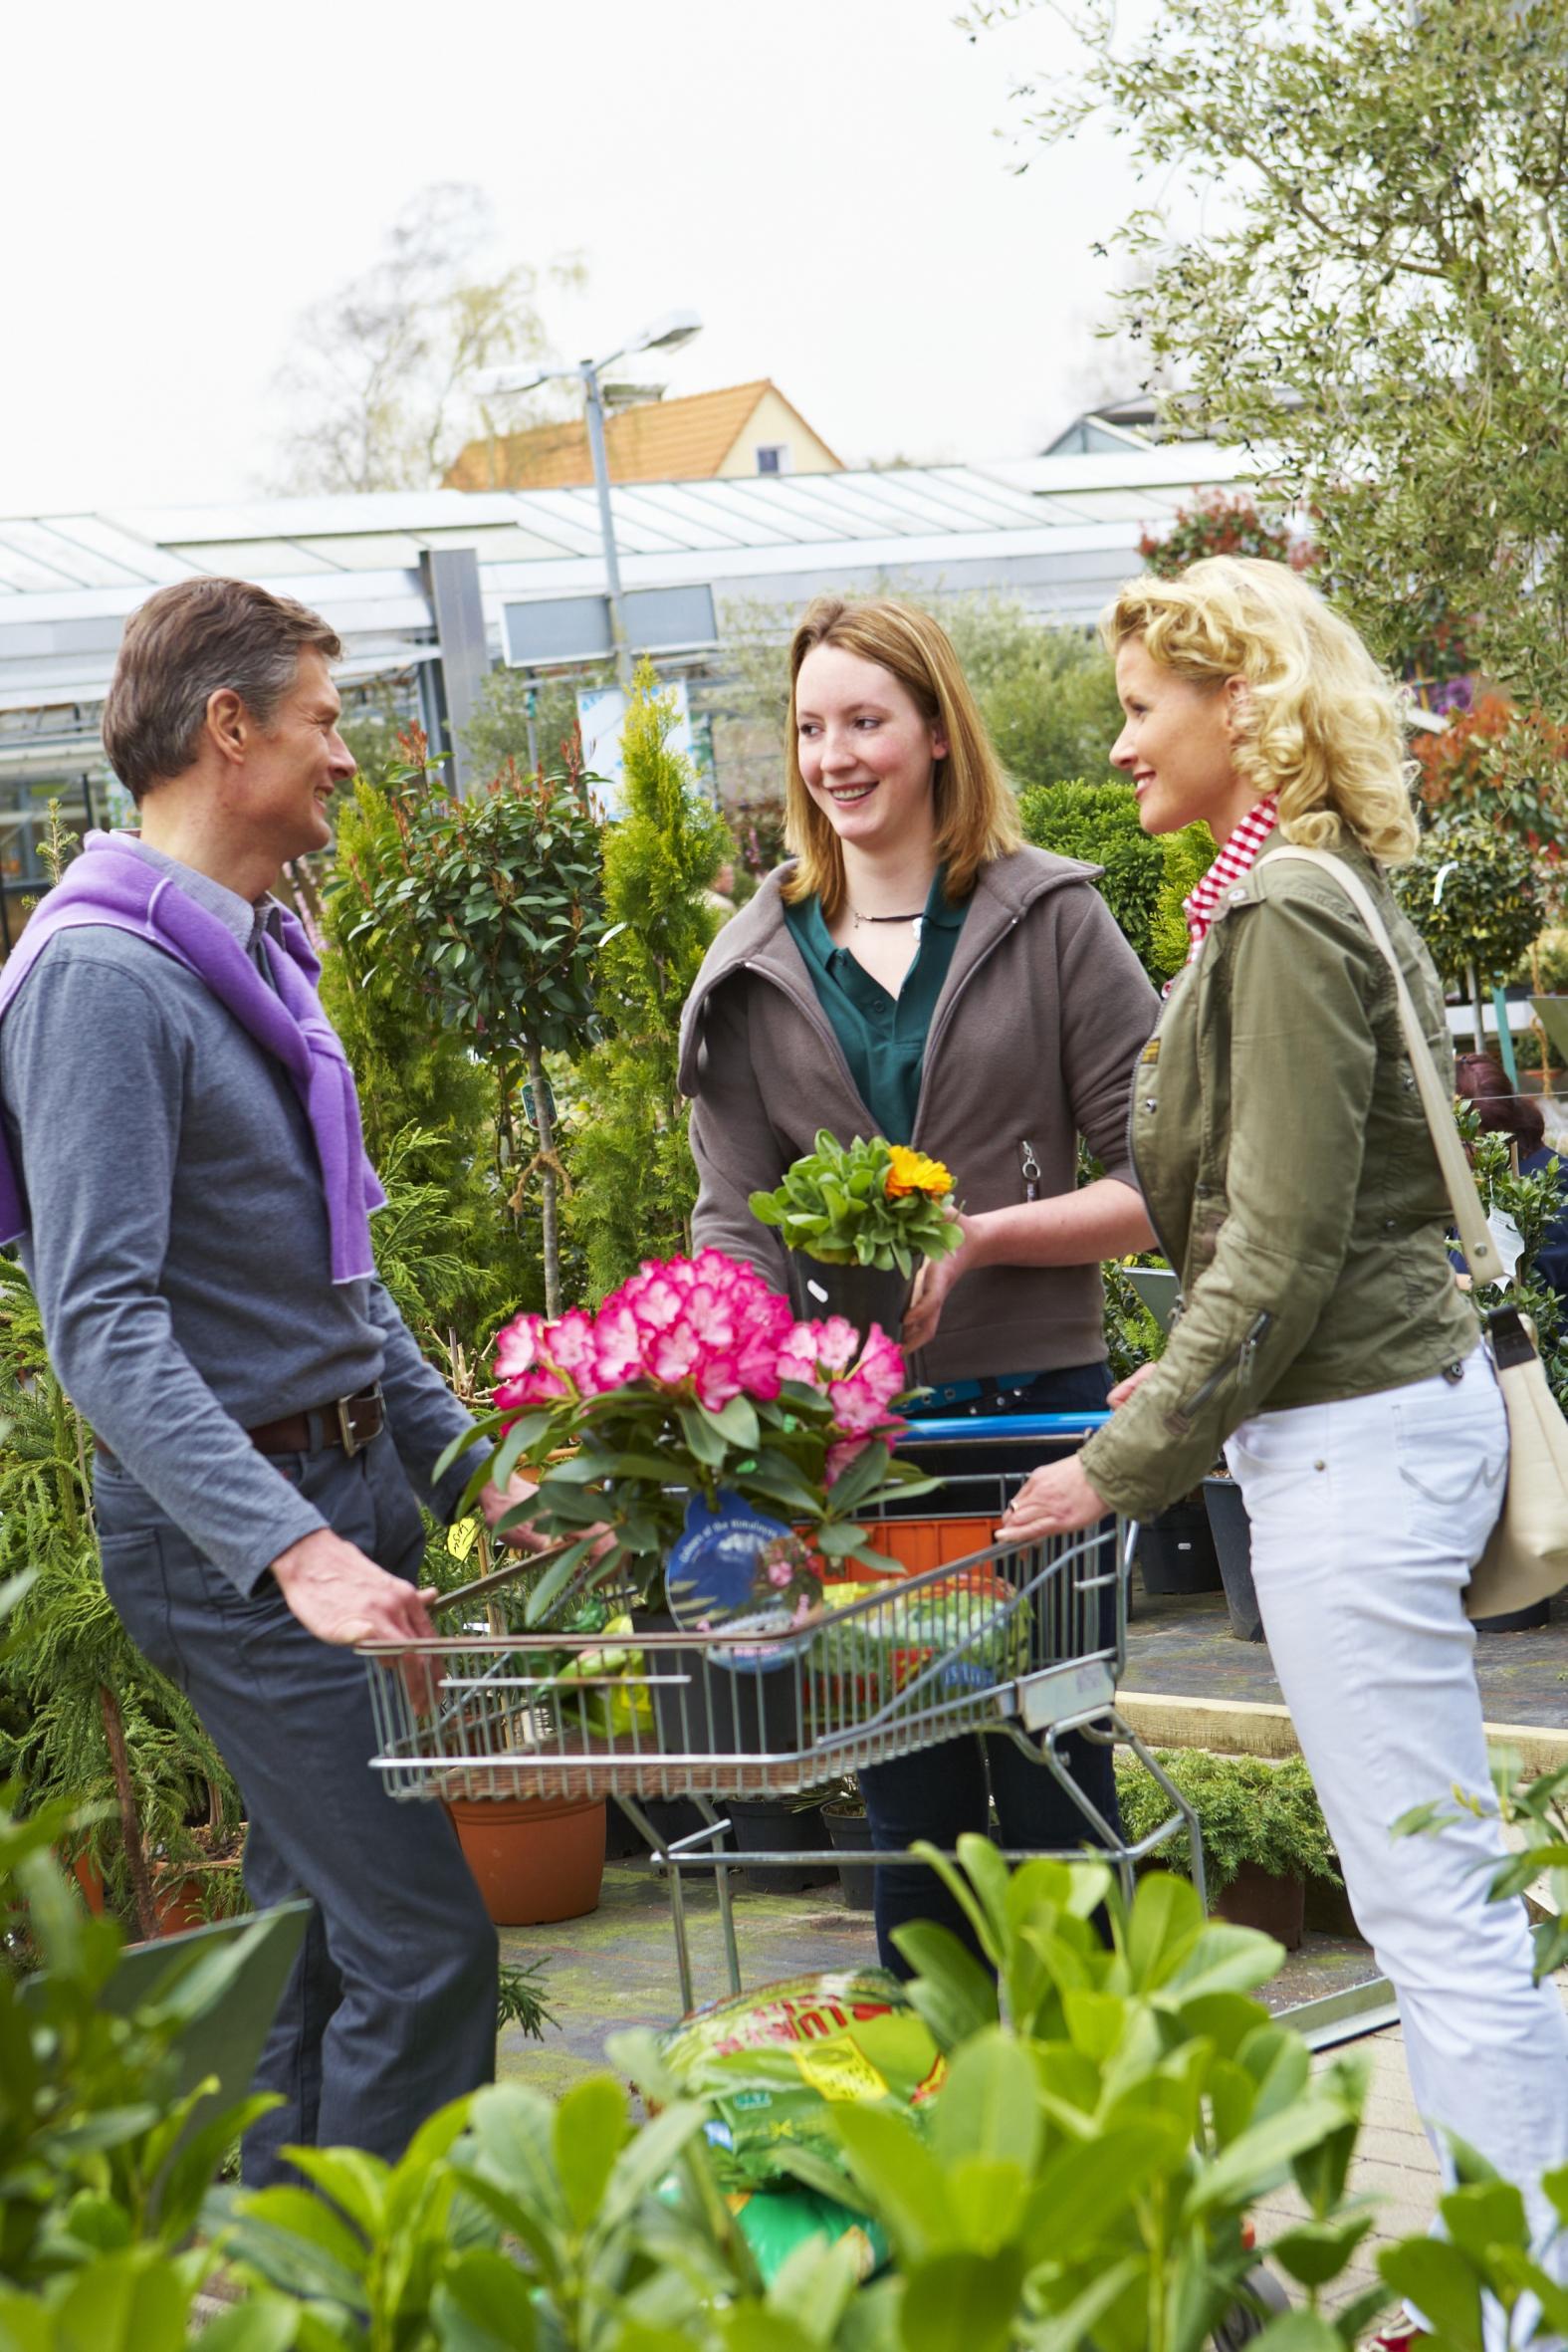 Gärtner begeistern für Balkon & Terrasse – Fachwissen & Dienstleistungskompetenz werden bei NRWs Gärtnern großgeschrieben